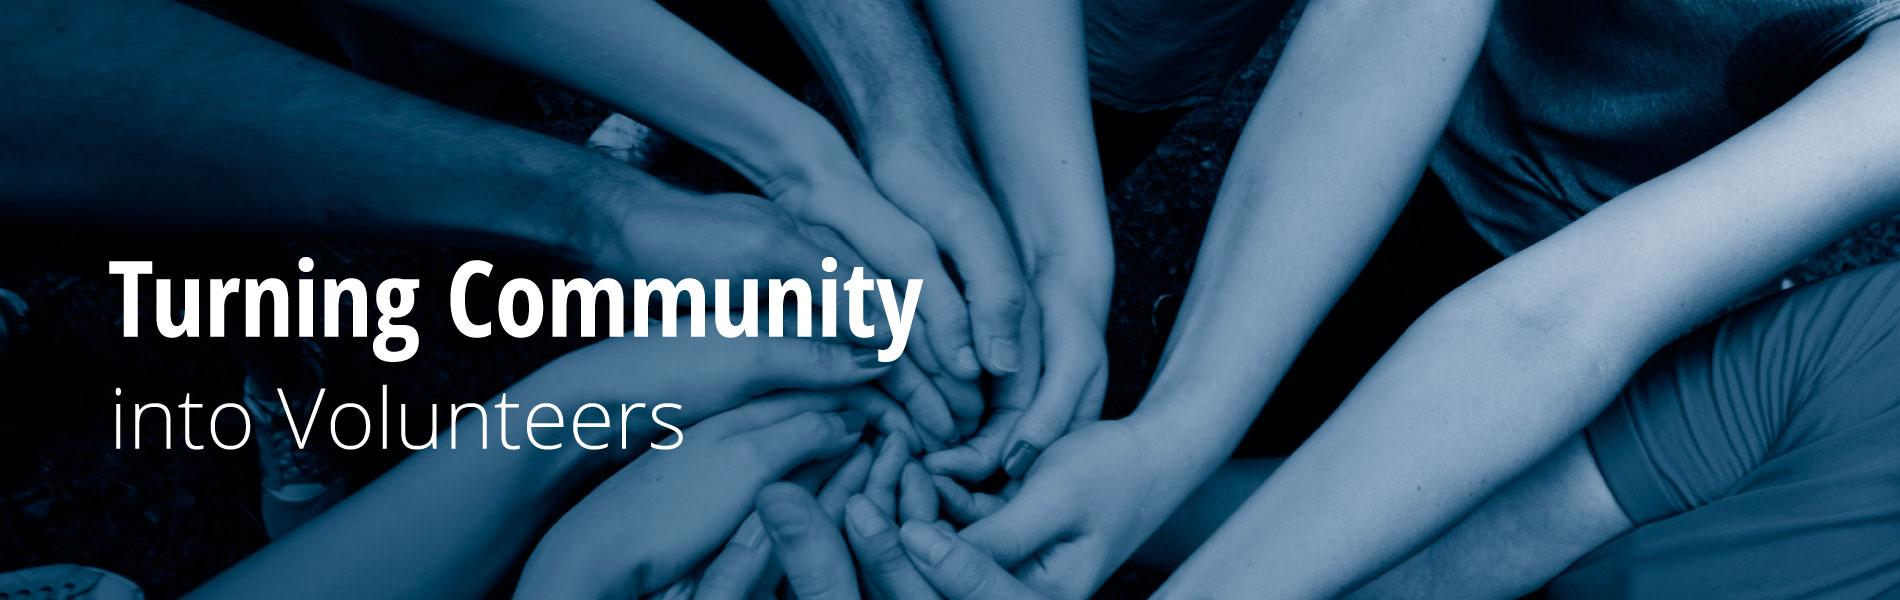 CommunityVolunteers-1900x600.jpg